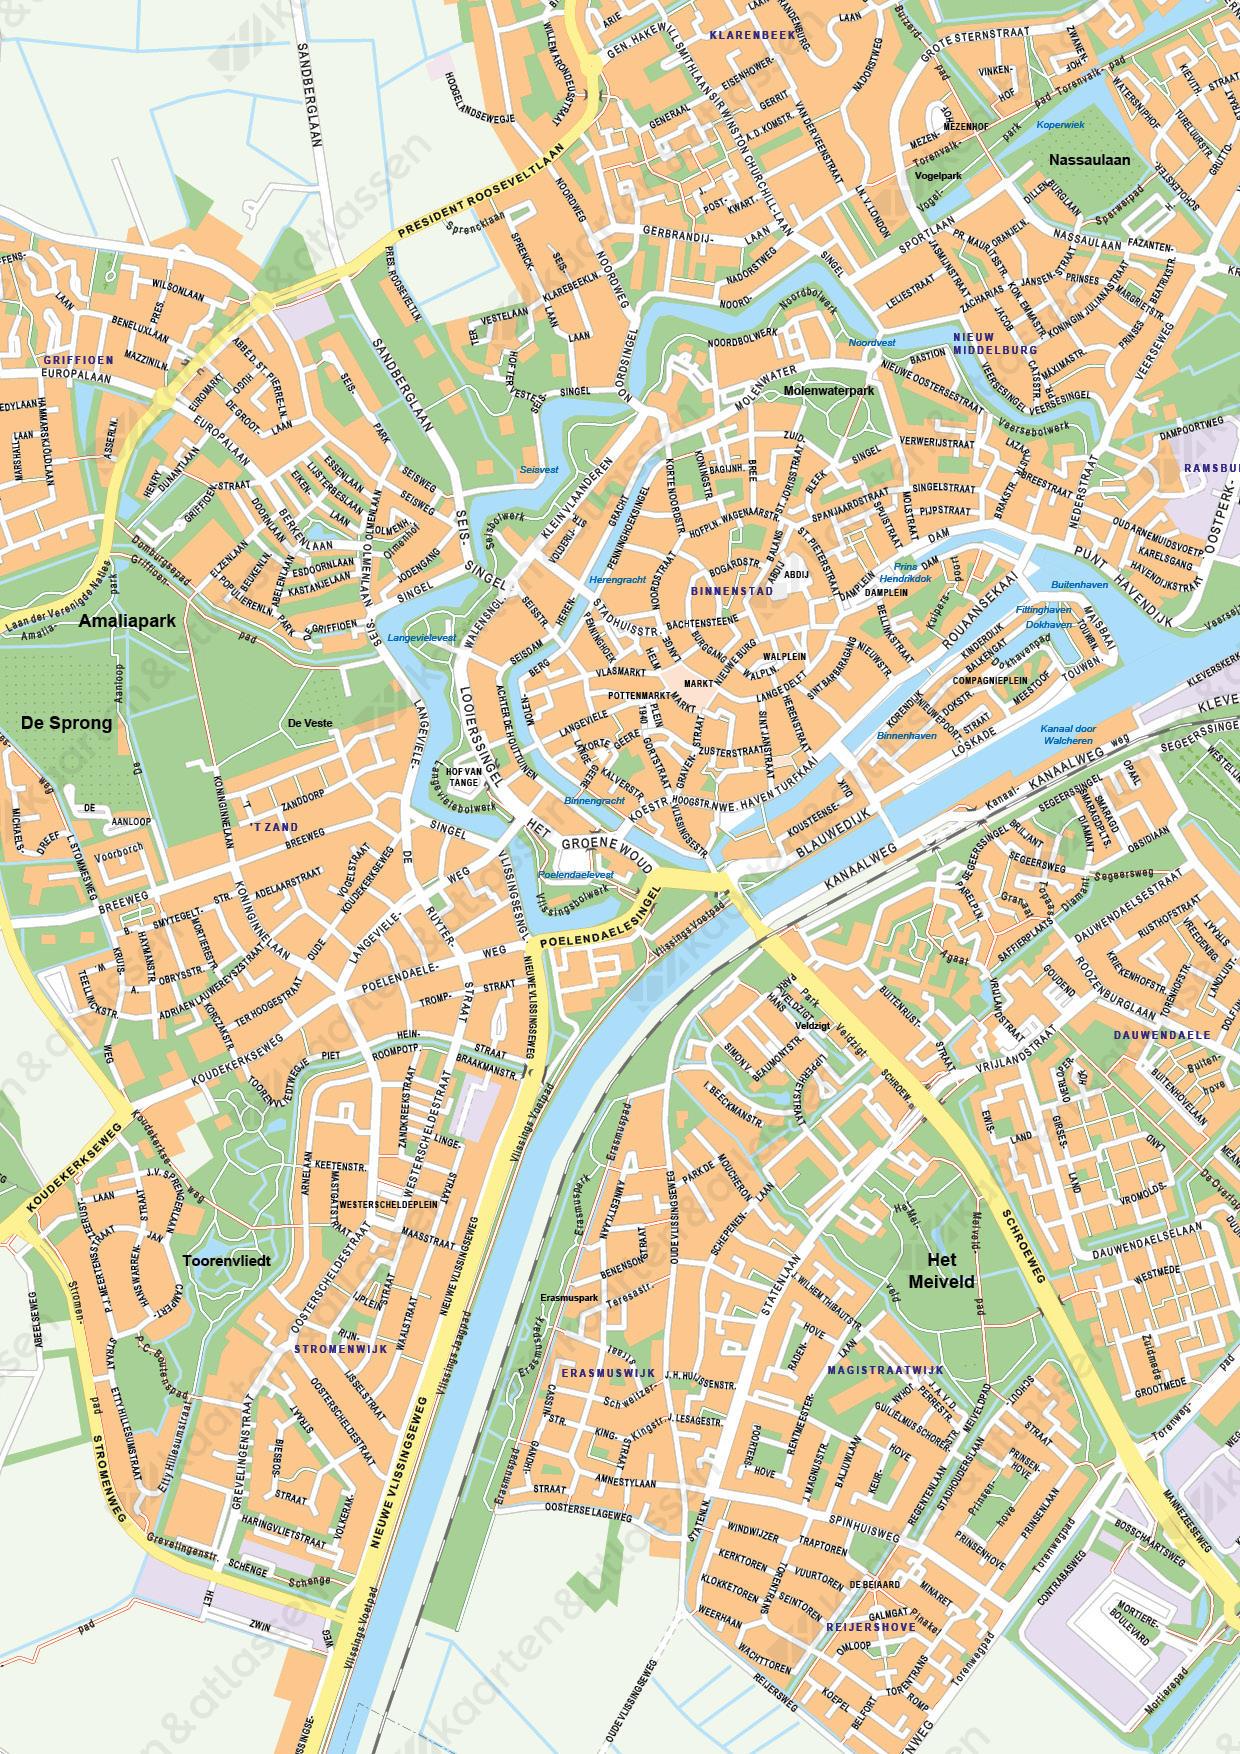 Digitale Kaart Middelburg